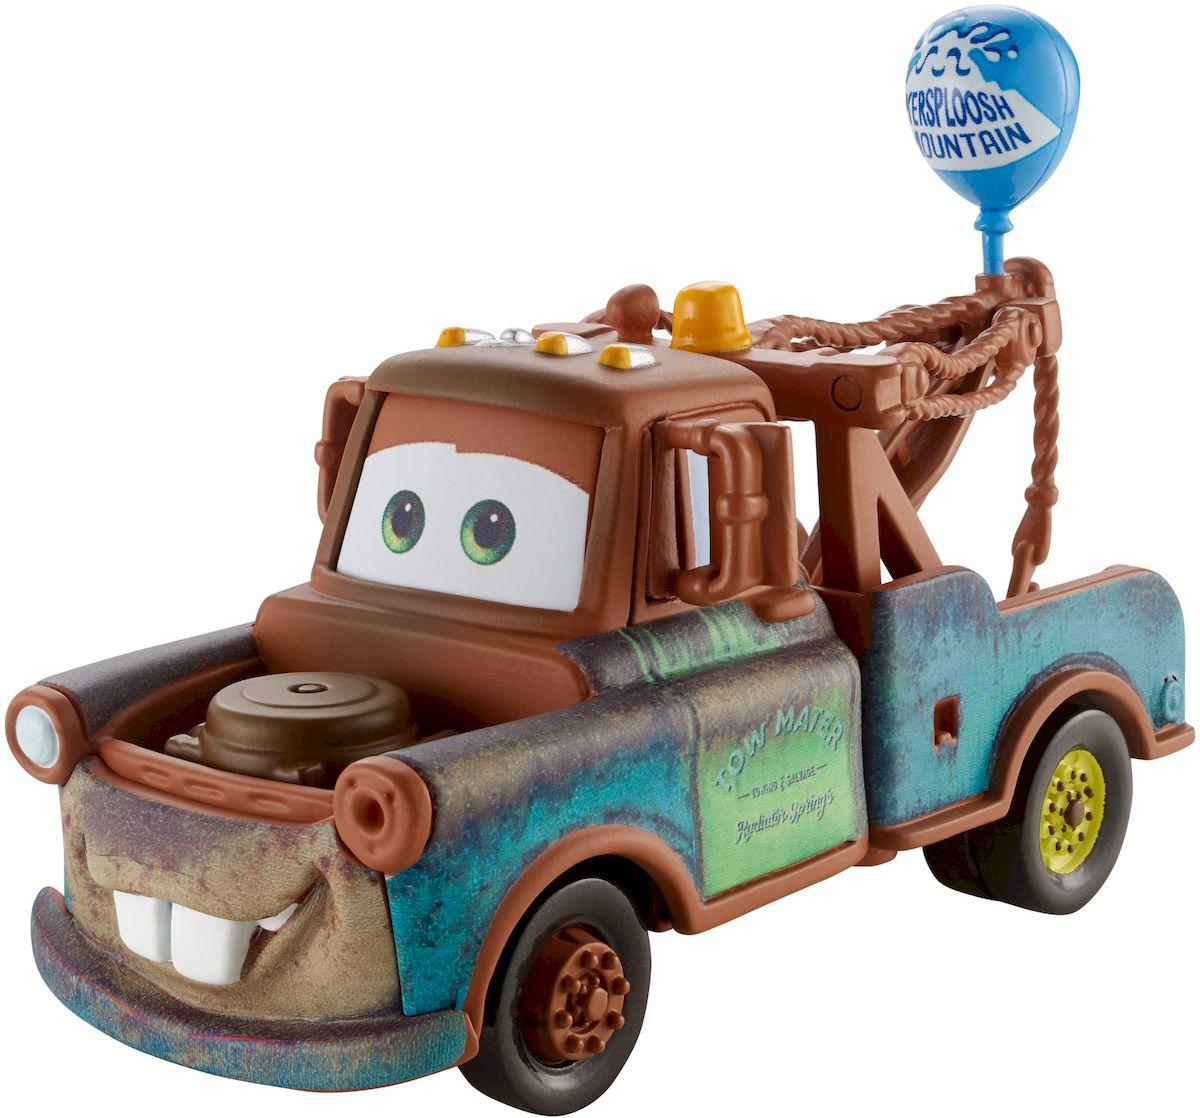 Cars Машинка Мэтр с воздушным шаромW1938_DLY86Машинка Cars Мэтр привлечет внимание вашего малыша и не позволит ему скучать, ведь так интересно и захватывающе покатать машинку или устроить гонку с другом. Машинка выполнена из прочного материала в виде персонажа мультфильма Тачки. Мэтр - коренной житель Радиатор-Спрингса и местная знаменитость. Еще бы, ведь он лучший в мире ездок задком! Мэтр очень любит свою работу - он тягач и может вытянуть любую машину из любой самой глубокой канавы или из колючих кактусов. Что может быть прекрасней, чем тягать машины! Мэтр всегда найдет, чем заняться - например, ночью он отправляется пугать тракторов, то есть опрокидывать сонные тракторы под носом у гигантского комбайна Фрэнка. А по выходным Мэтр вместе со всей своей многочисленной родней участвует в гонках на выживание, где цель - доехать по ухабам и рытвинам до финиша, а как следует стукнуть товарища по бамперу - знак дружбы и уважения. Колеса машинки имеют свободный ход. Благодаря небольшому размеру ребенок сможет взять...